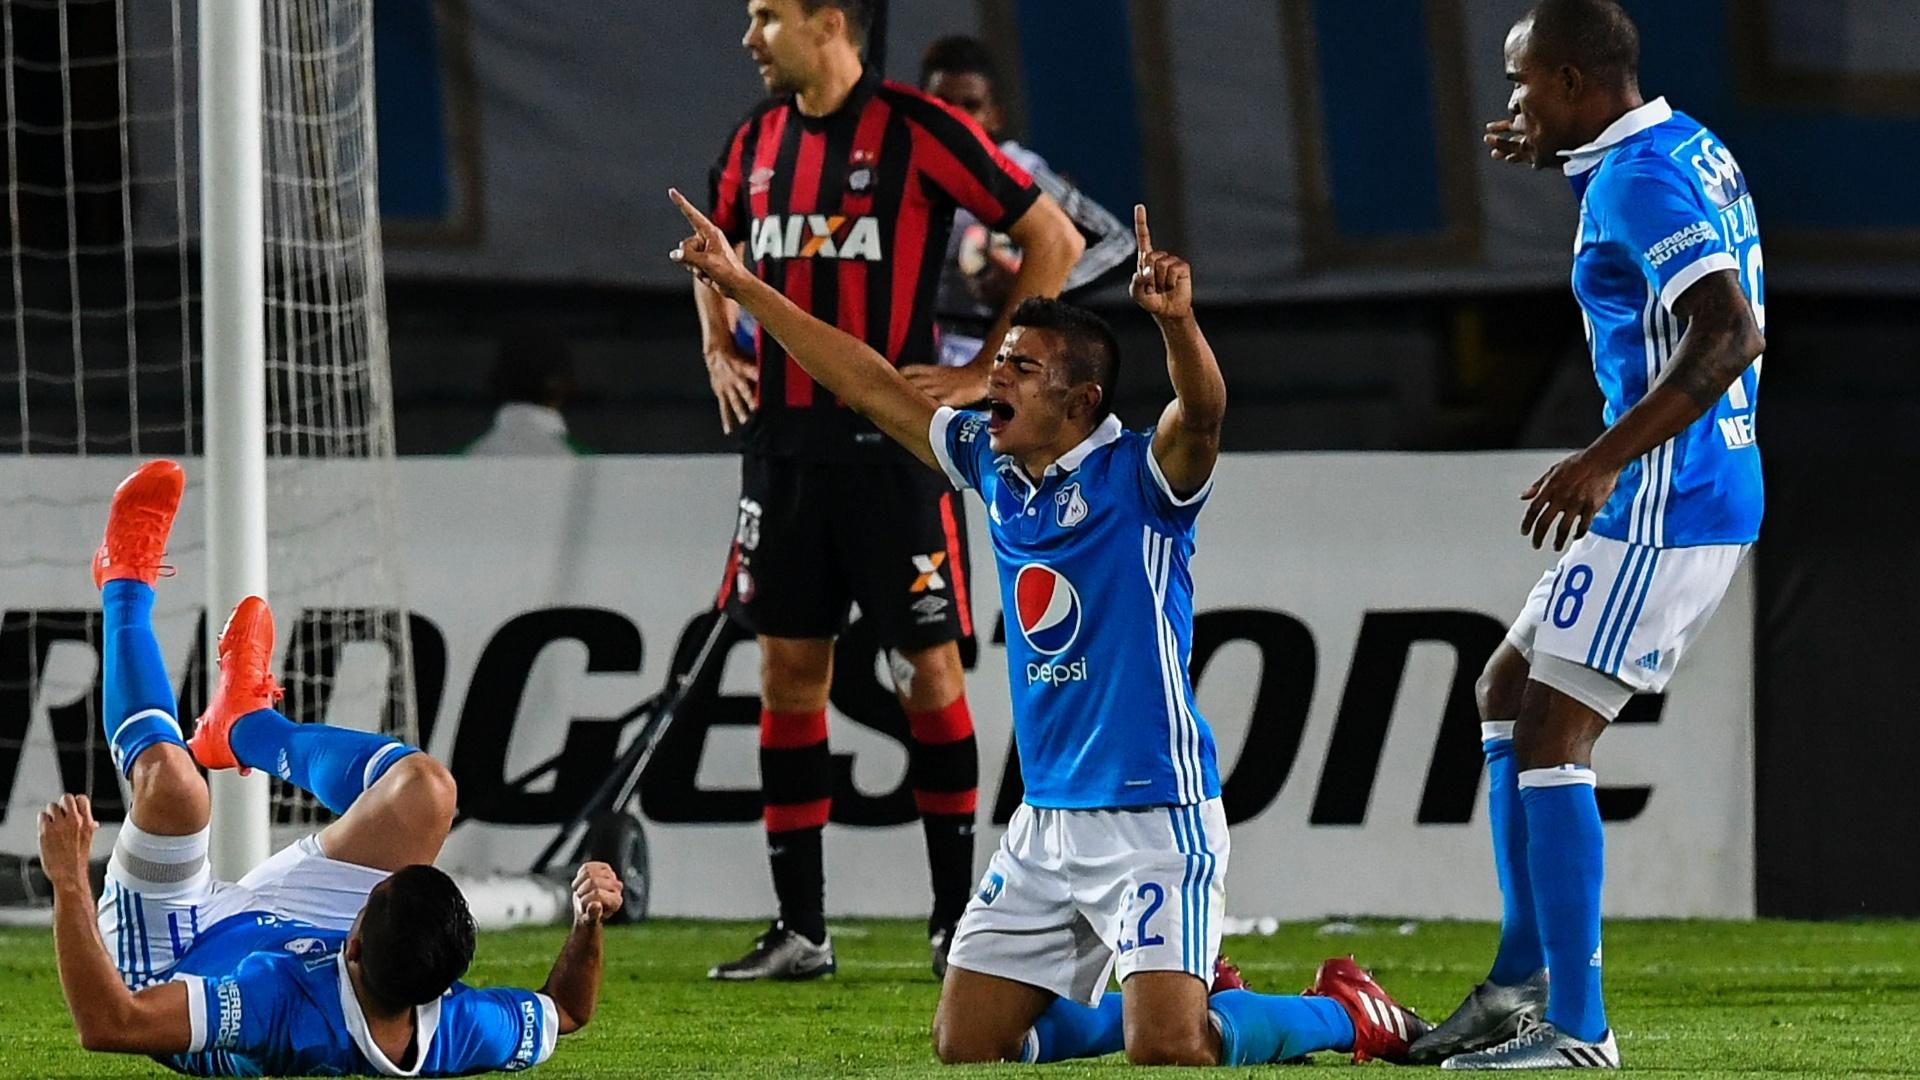 Duque comemora gol marcado para o Millonarios contra o Atlético-PR